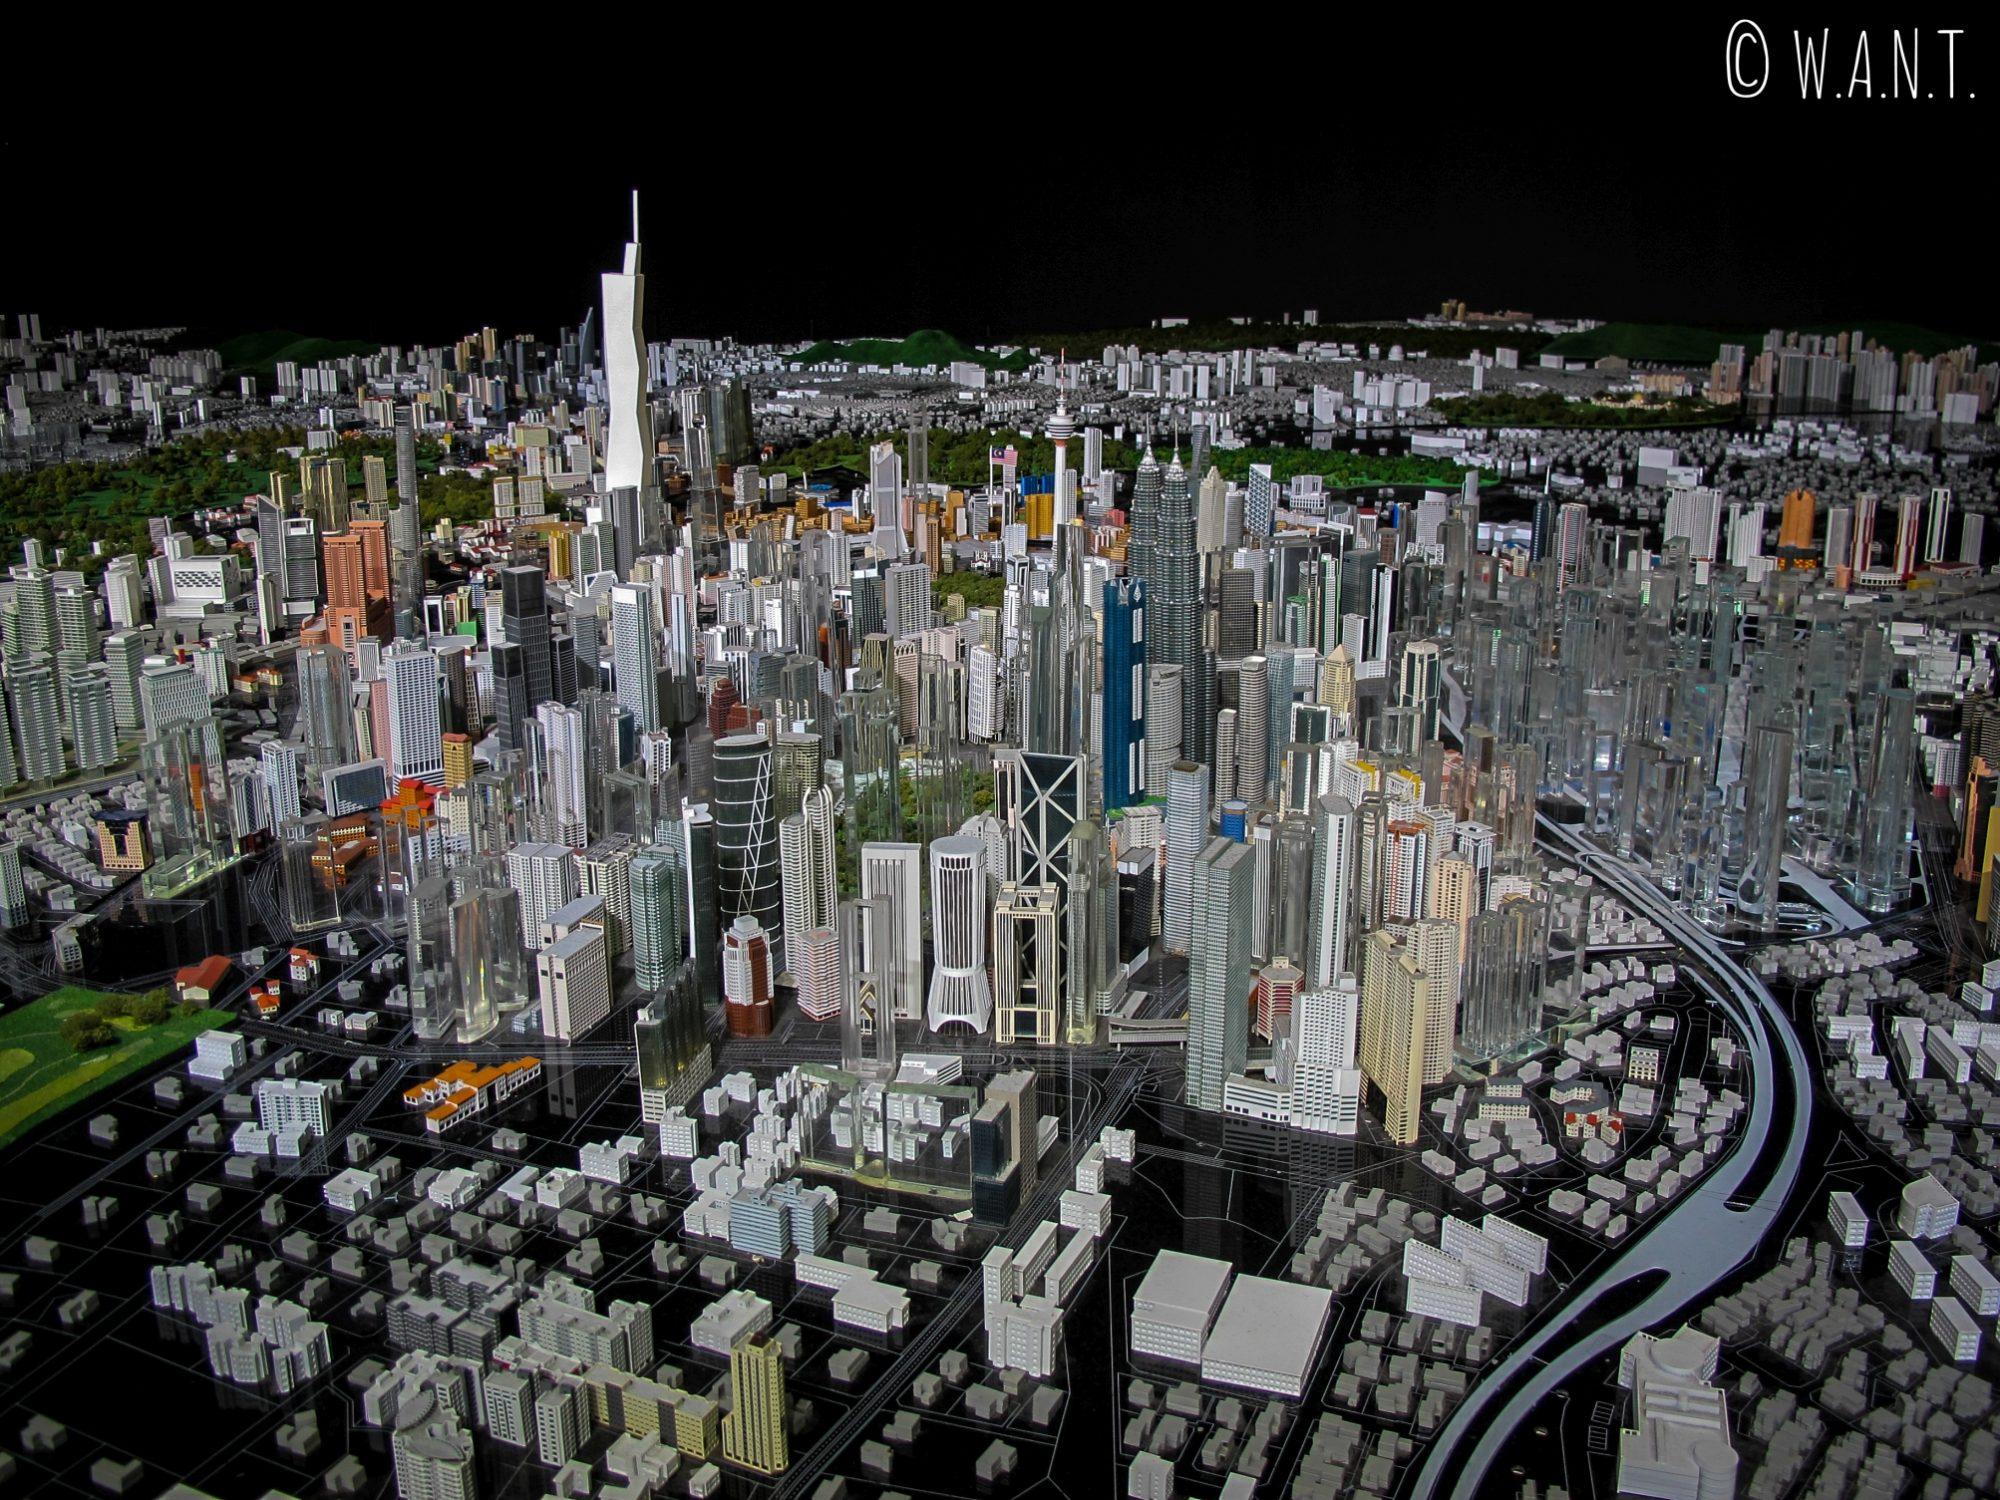 Maquette de la ville de Kuala Lumpur présentée au KL City Gallery